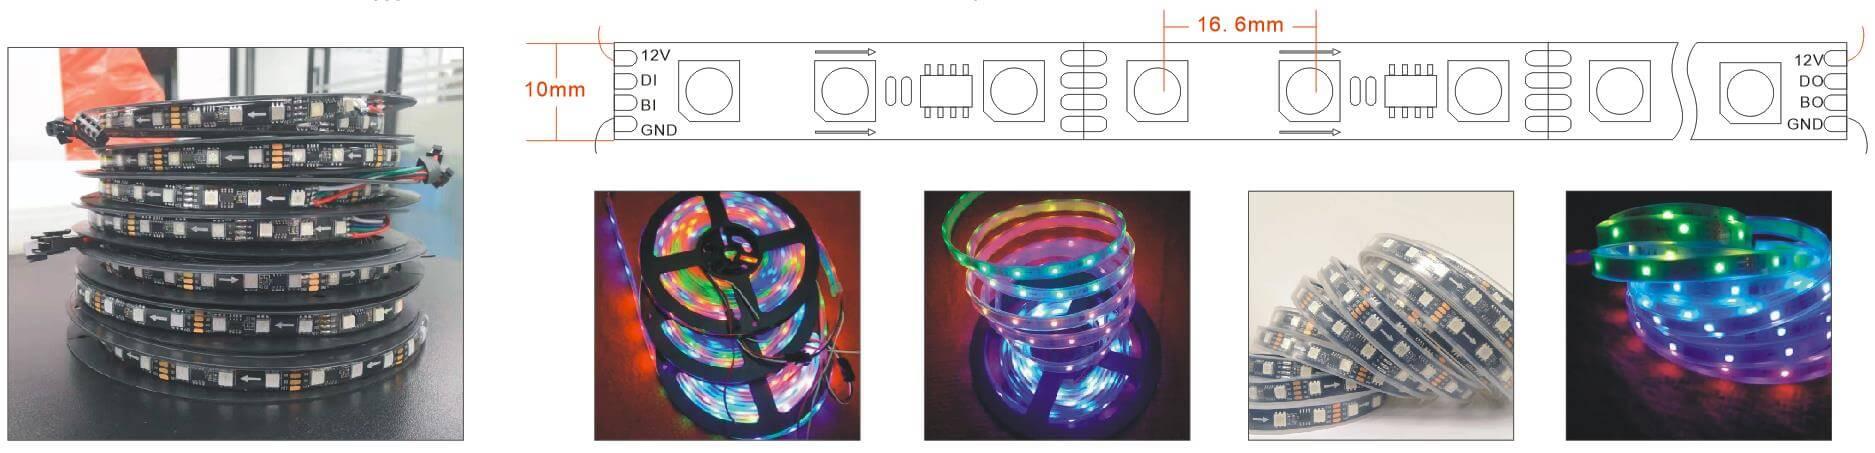 ws2818 led strip 60 LEDs per meter